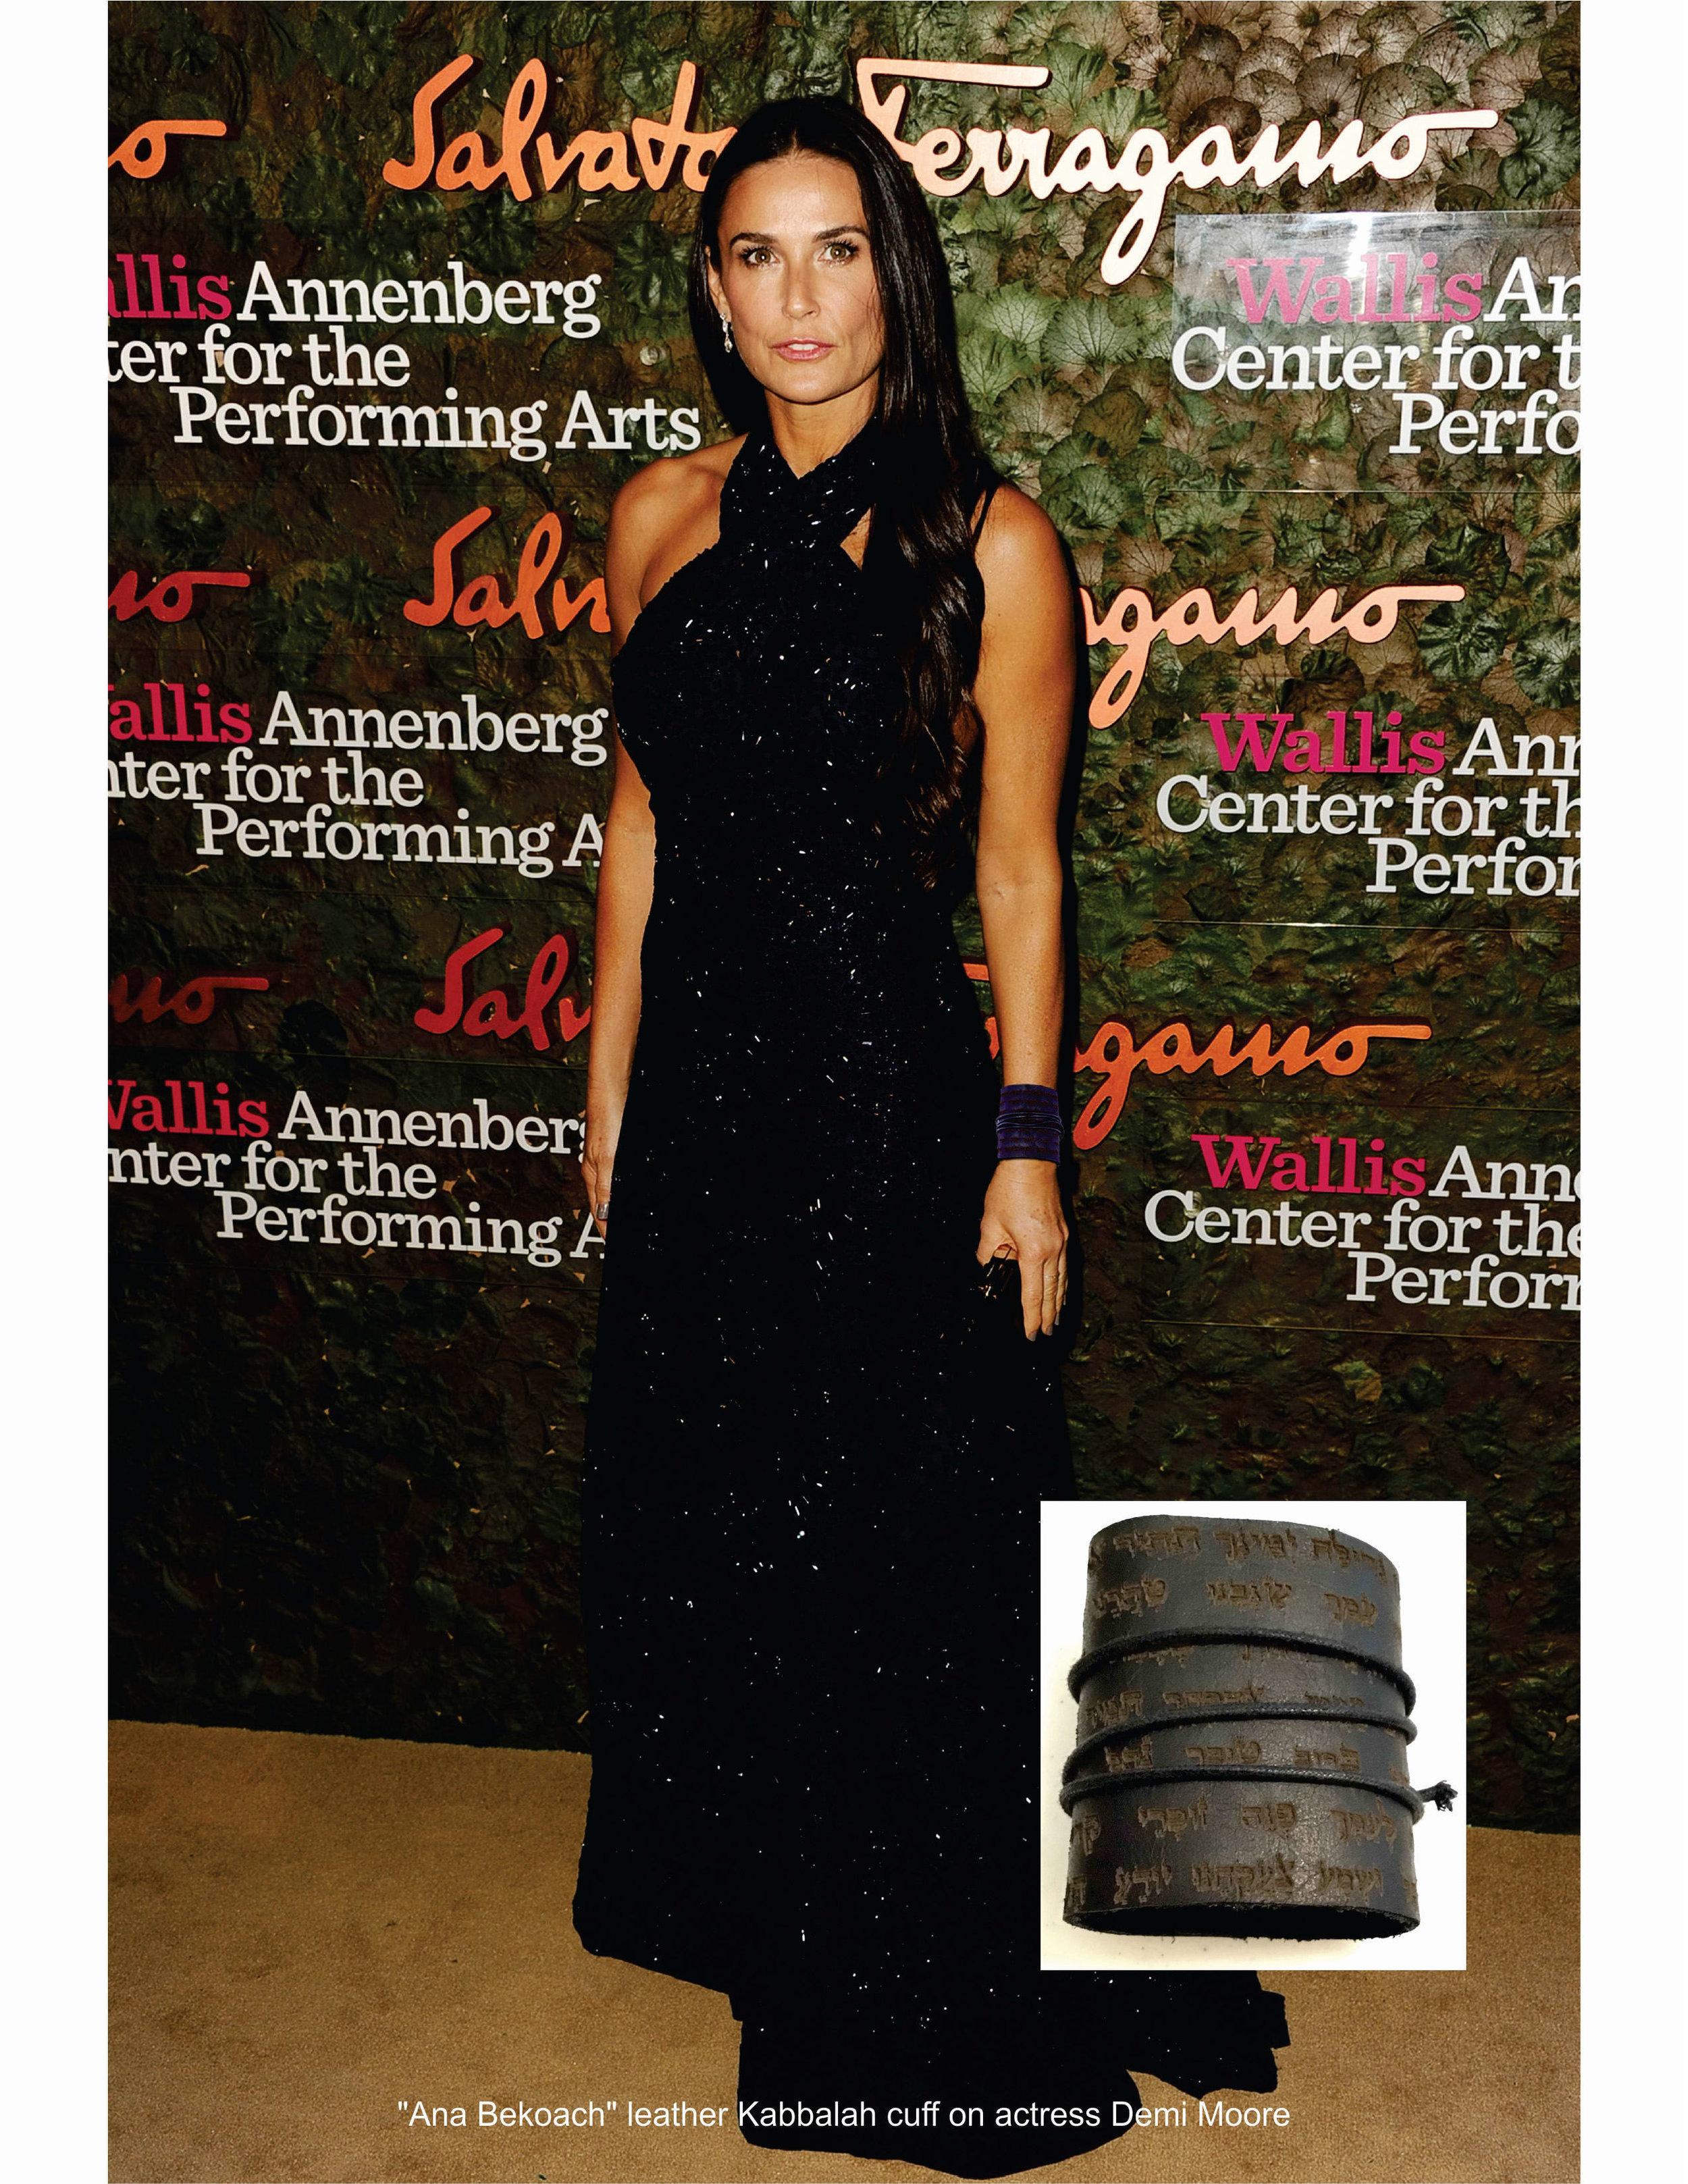 Demi Moore in Ana Bekoach cuff